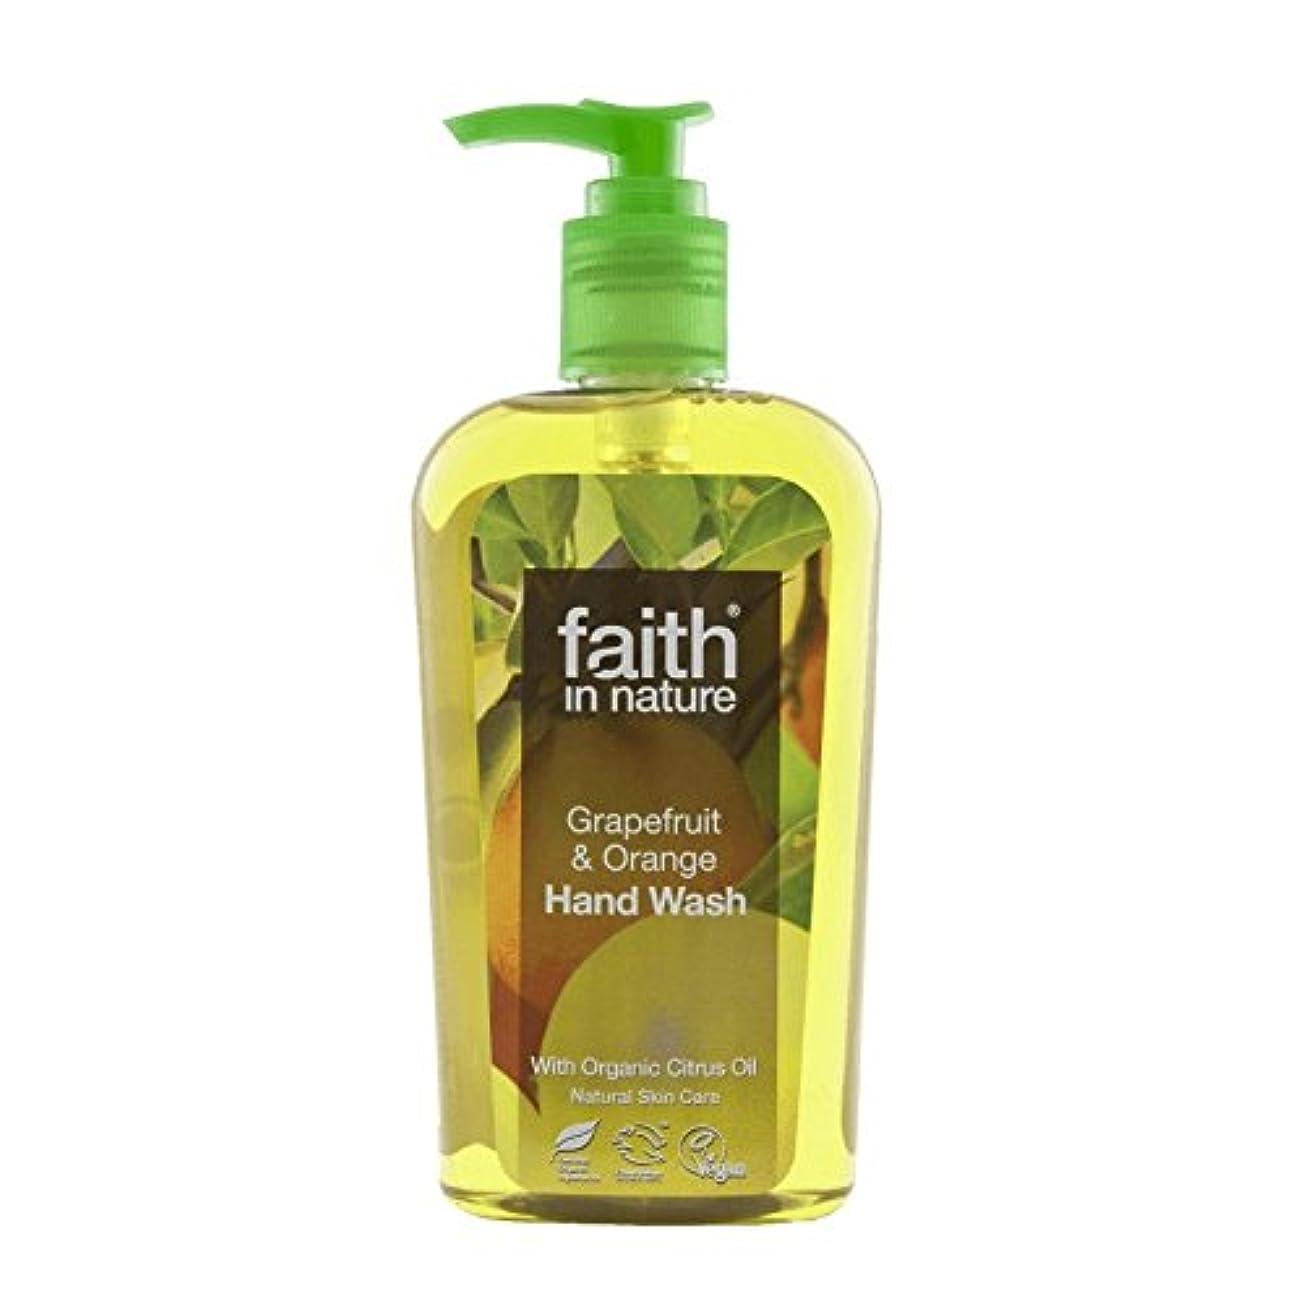 影響力のあるブローホール脅迫Faith In Nature Grapefruit & Orange Handwash 300ml (Pack of 6) - 自然グレープフルーツ&オレンジ手洗いの300ミリリットルの信仰 (x6) [並行輸入品]